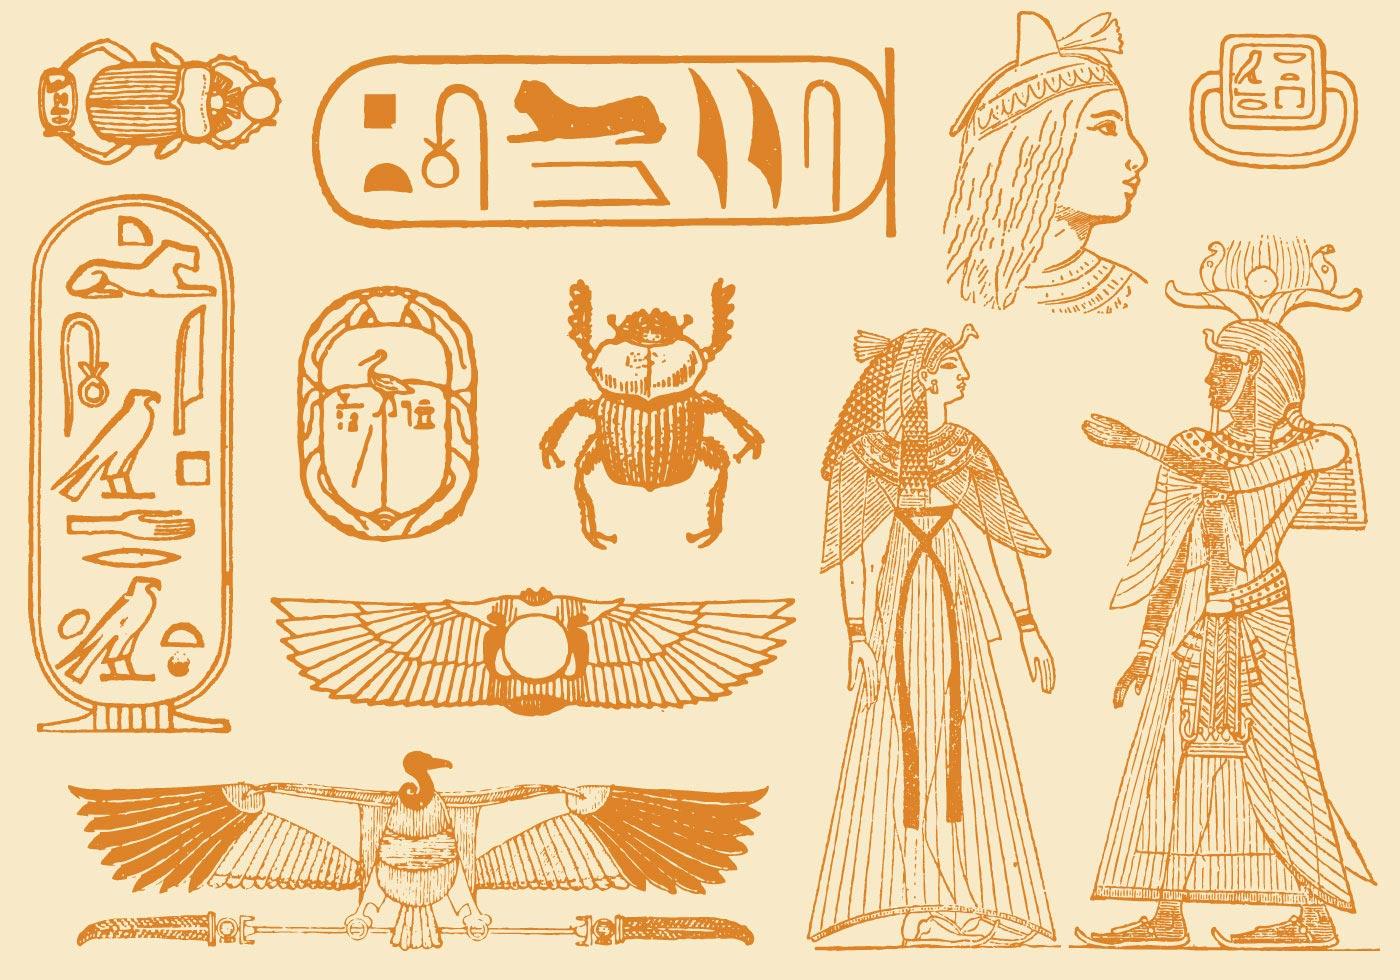 жилье они египетская символика картинки гораздо больше